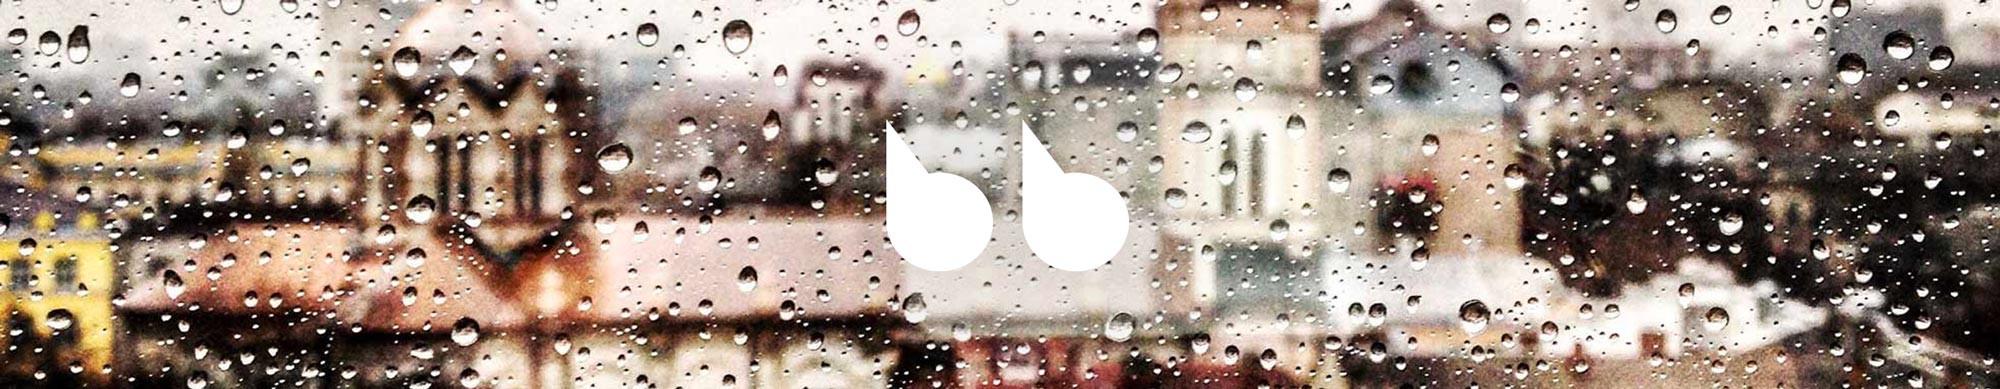 The weather - el tiempo en inglés